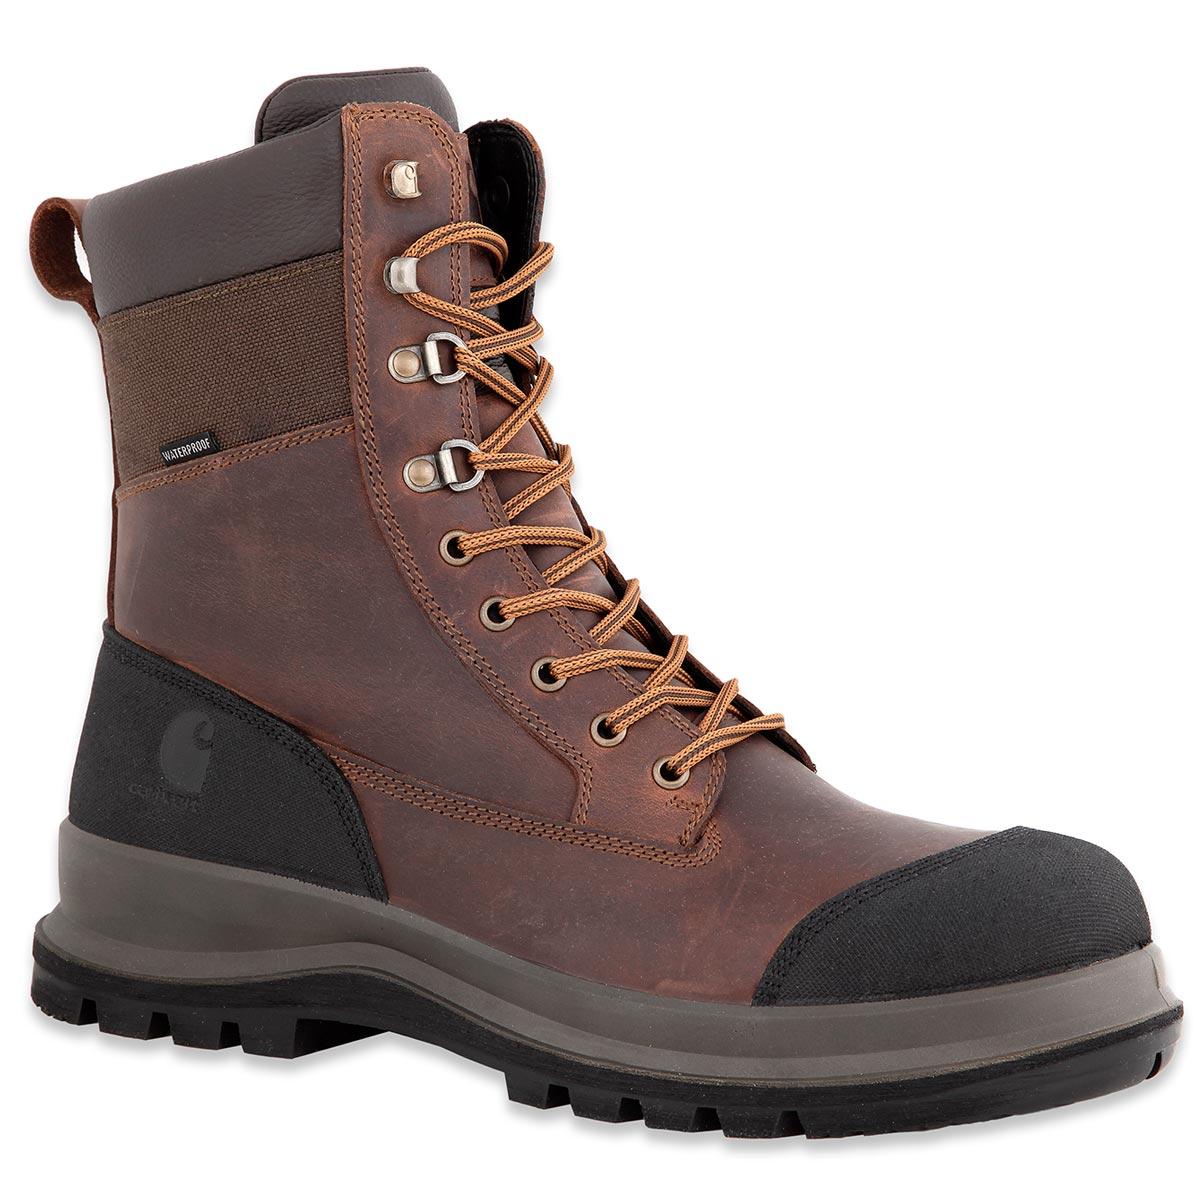 Vielzahl von Designs und Farben akzeptabler Preis besondere Auswahl an Carhartt Detroit Winter Work Boots S3 wasserdicht brown